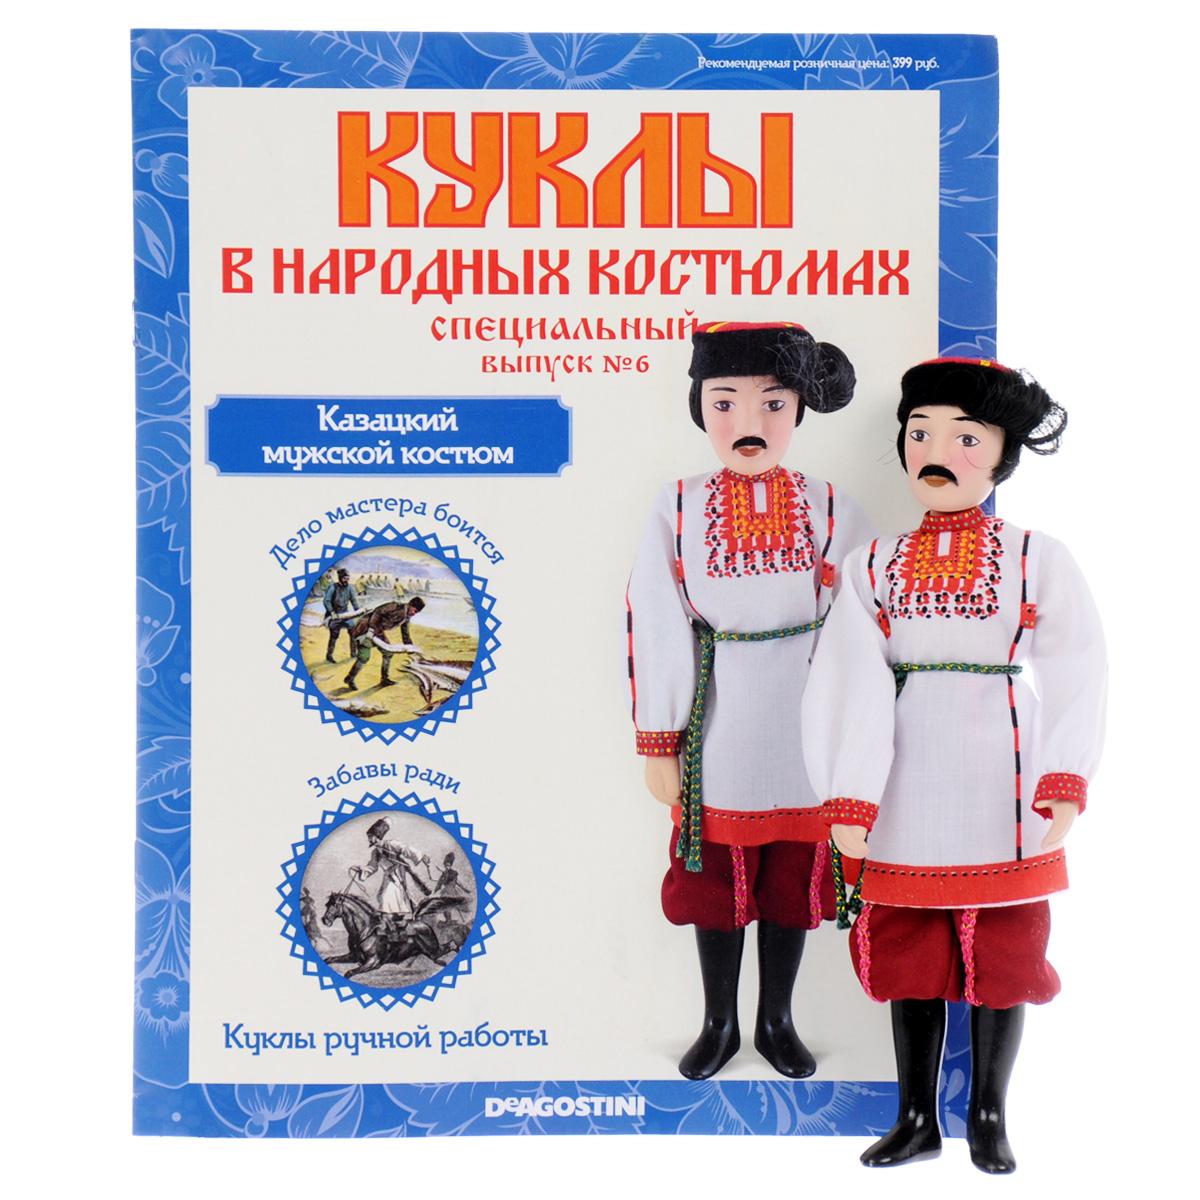 Журнал Куклы в народных костюмах. Специальный выпуск №6 интерьерные куклы ручной работы